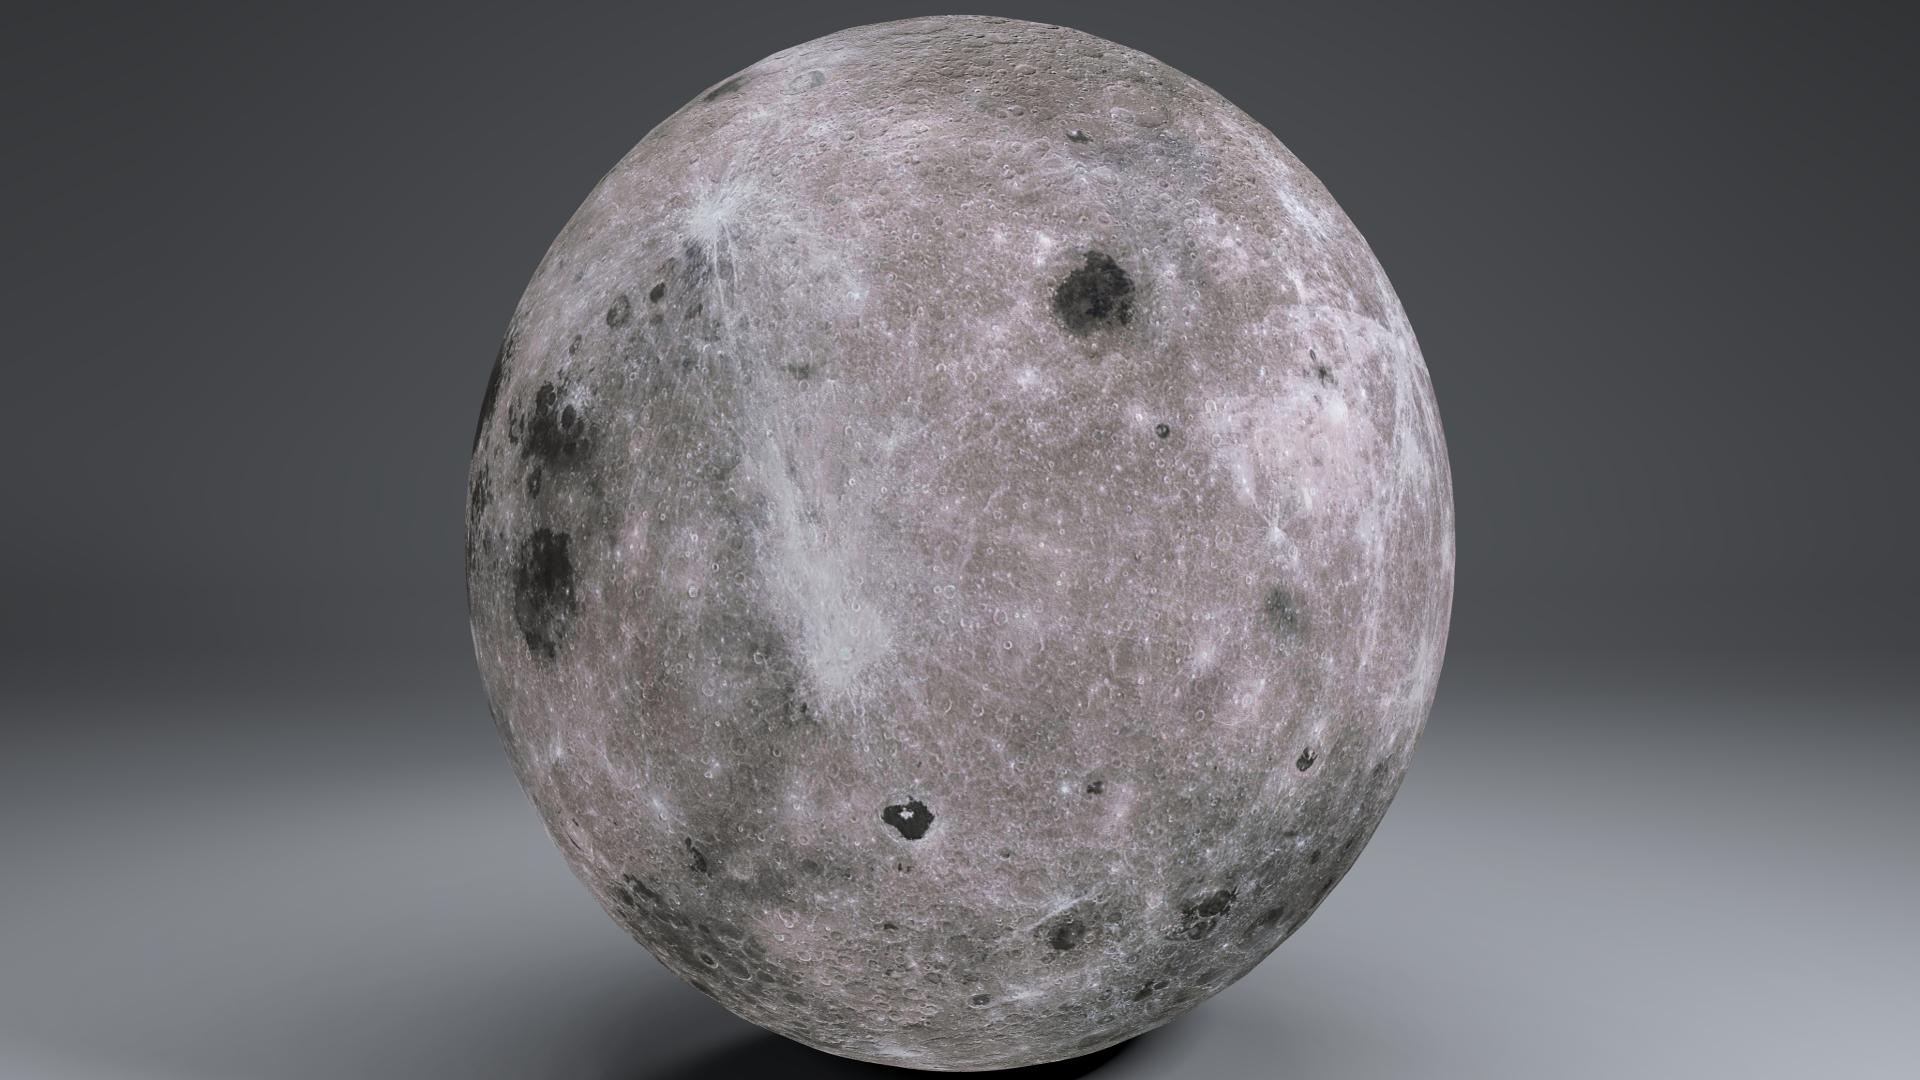 MoonGlobe 4k 3d model 3ds fbx blend dae obj 221755